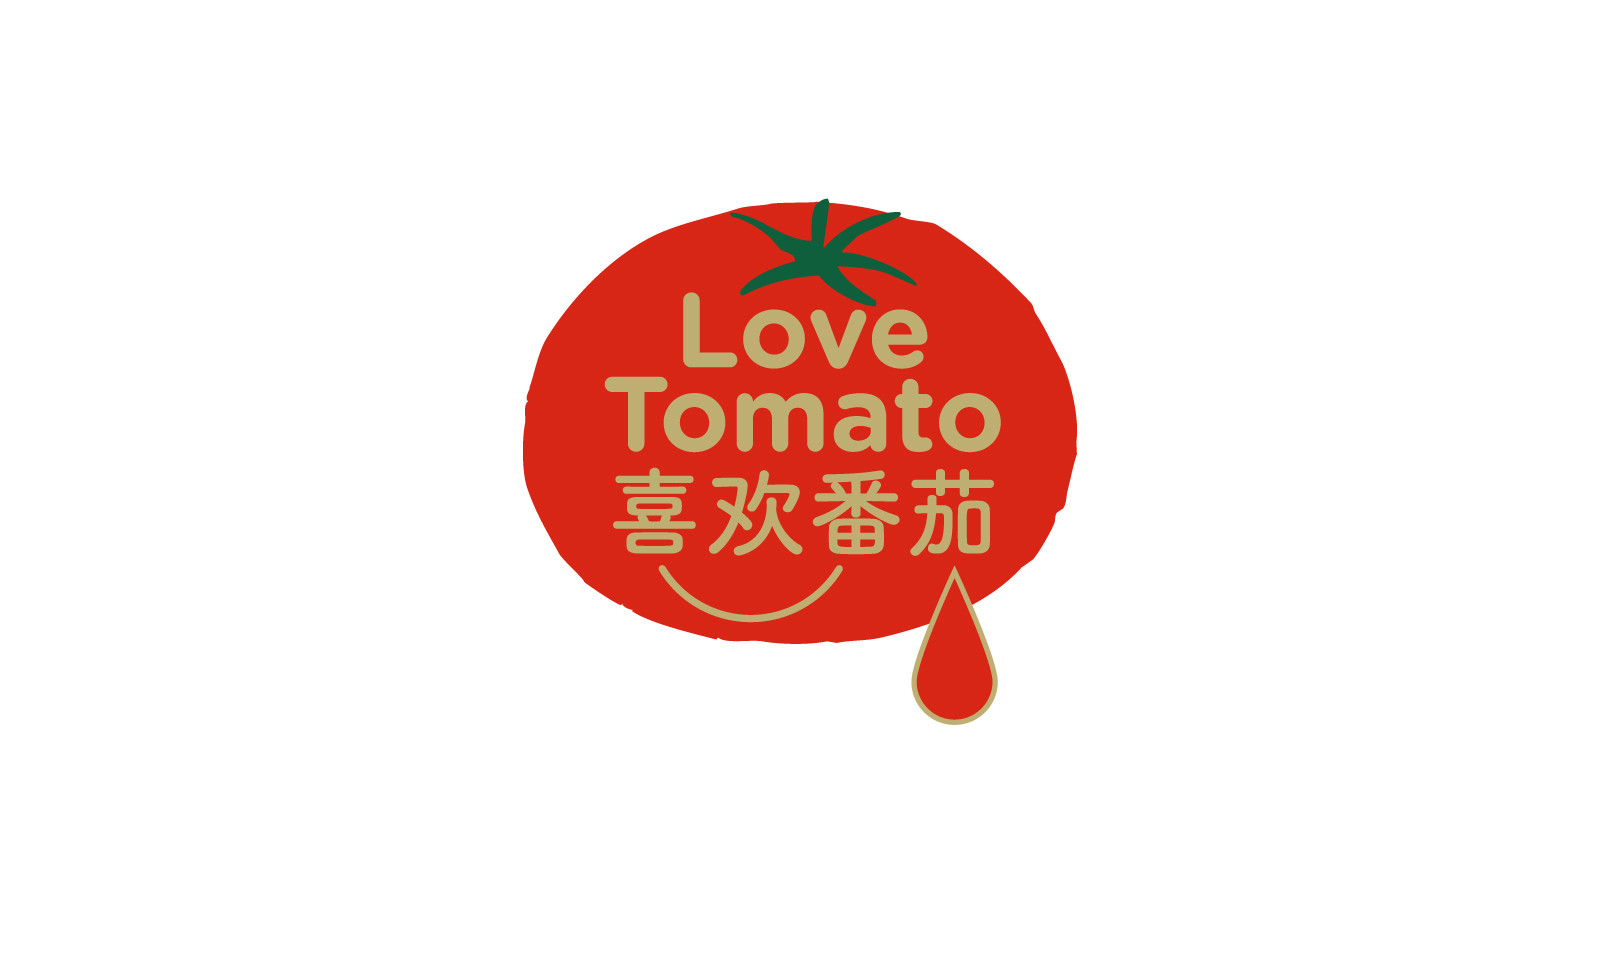 Love Tomato